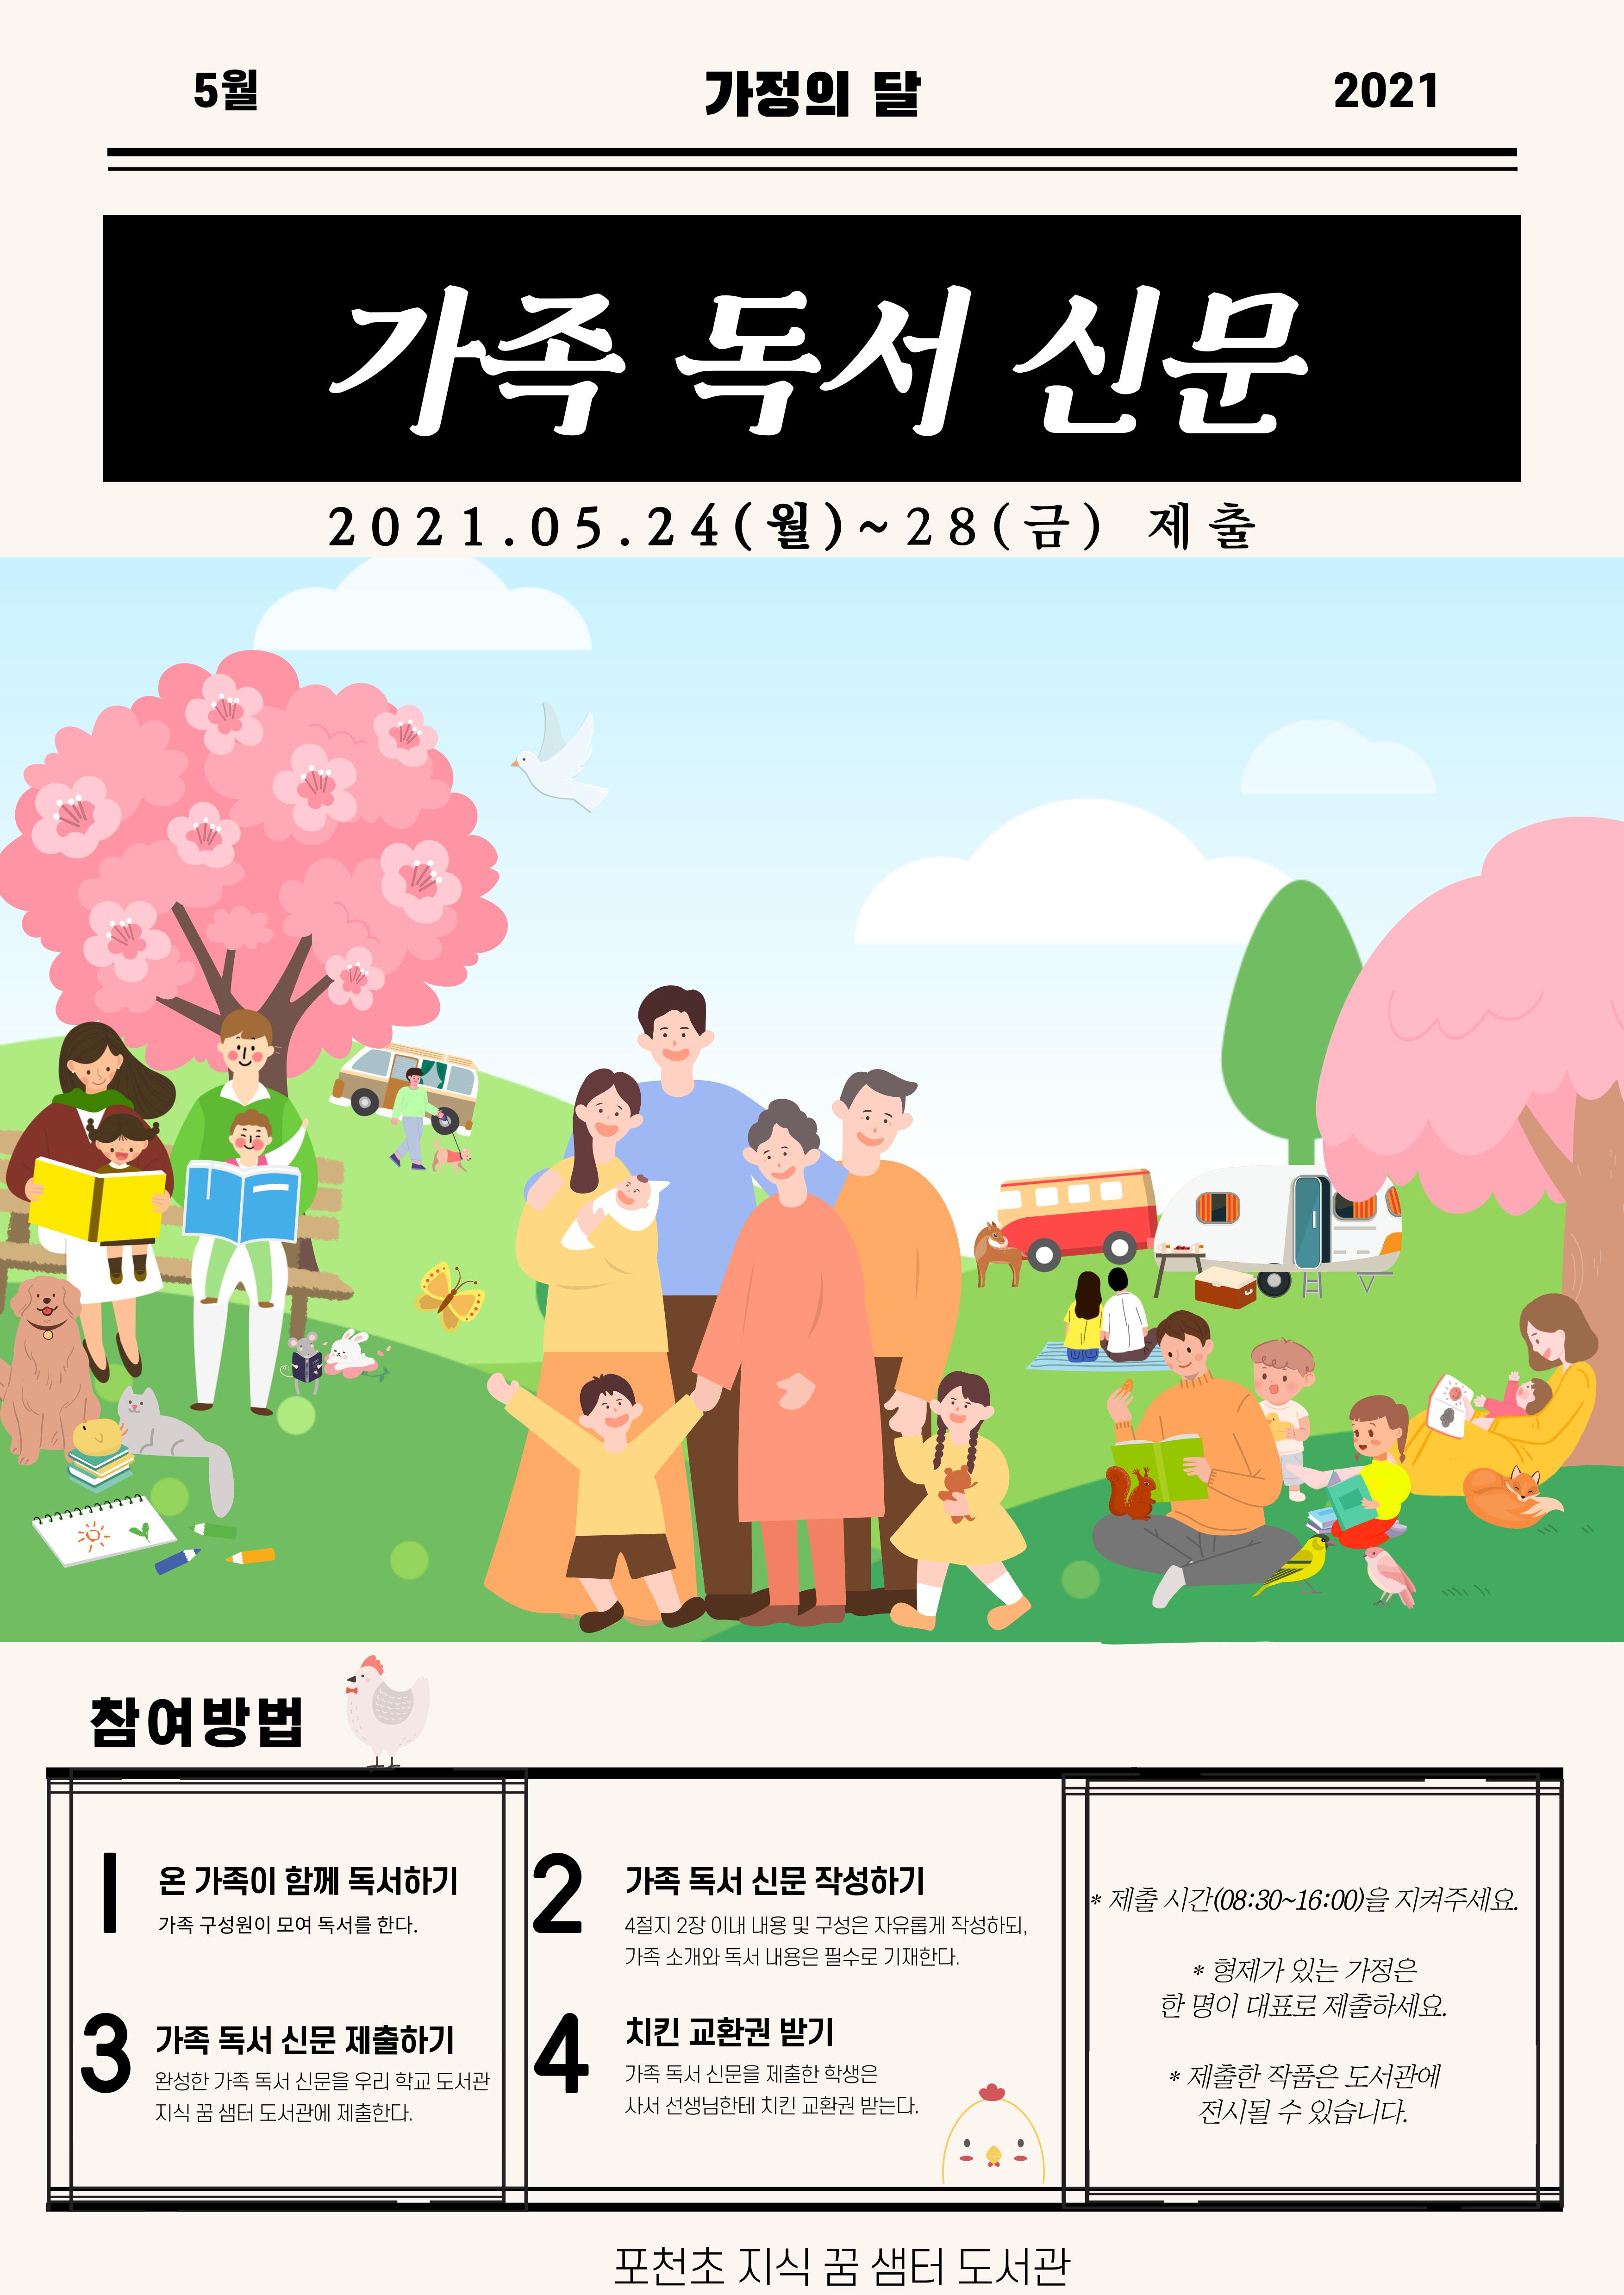 [일반] 2021학년도 5월 도서관 행사- 가족독서신문 제출의 첨부이미지 2